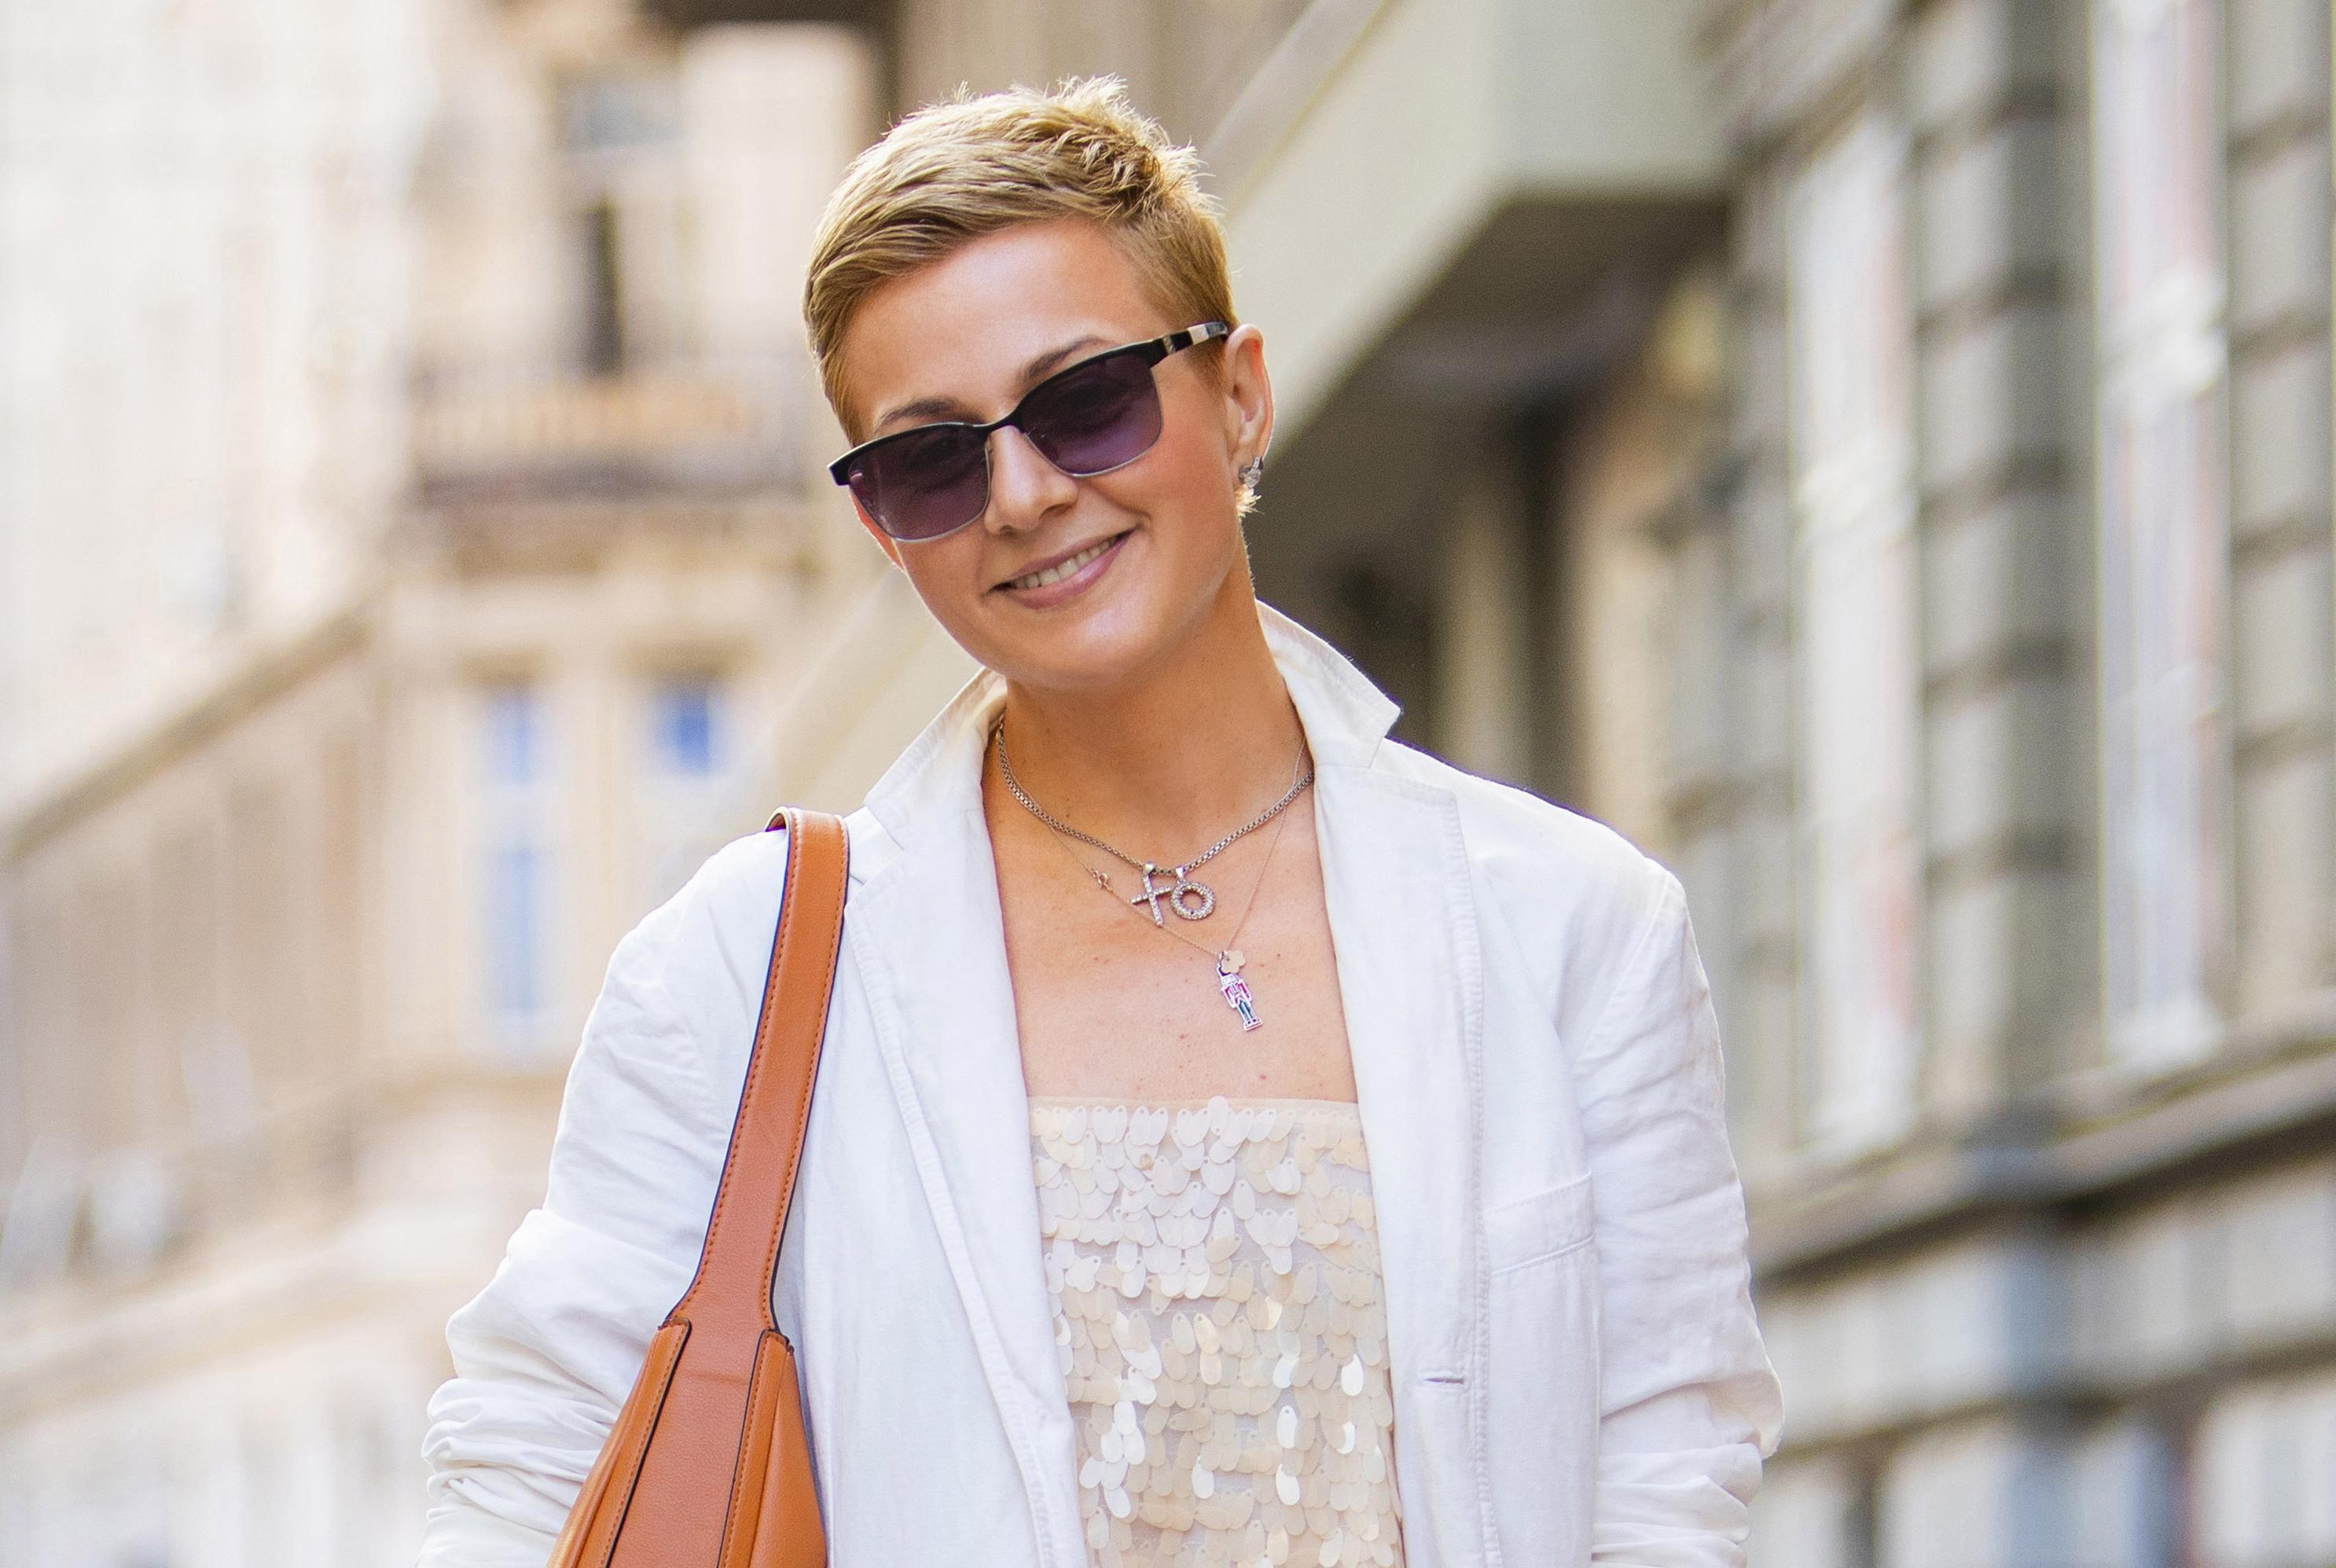 Modna savjetnica u stajlingu koji je nosiv od jutra do večeri: Pogledajte kako nosi šljokice u dnevnim prigodama